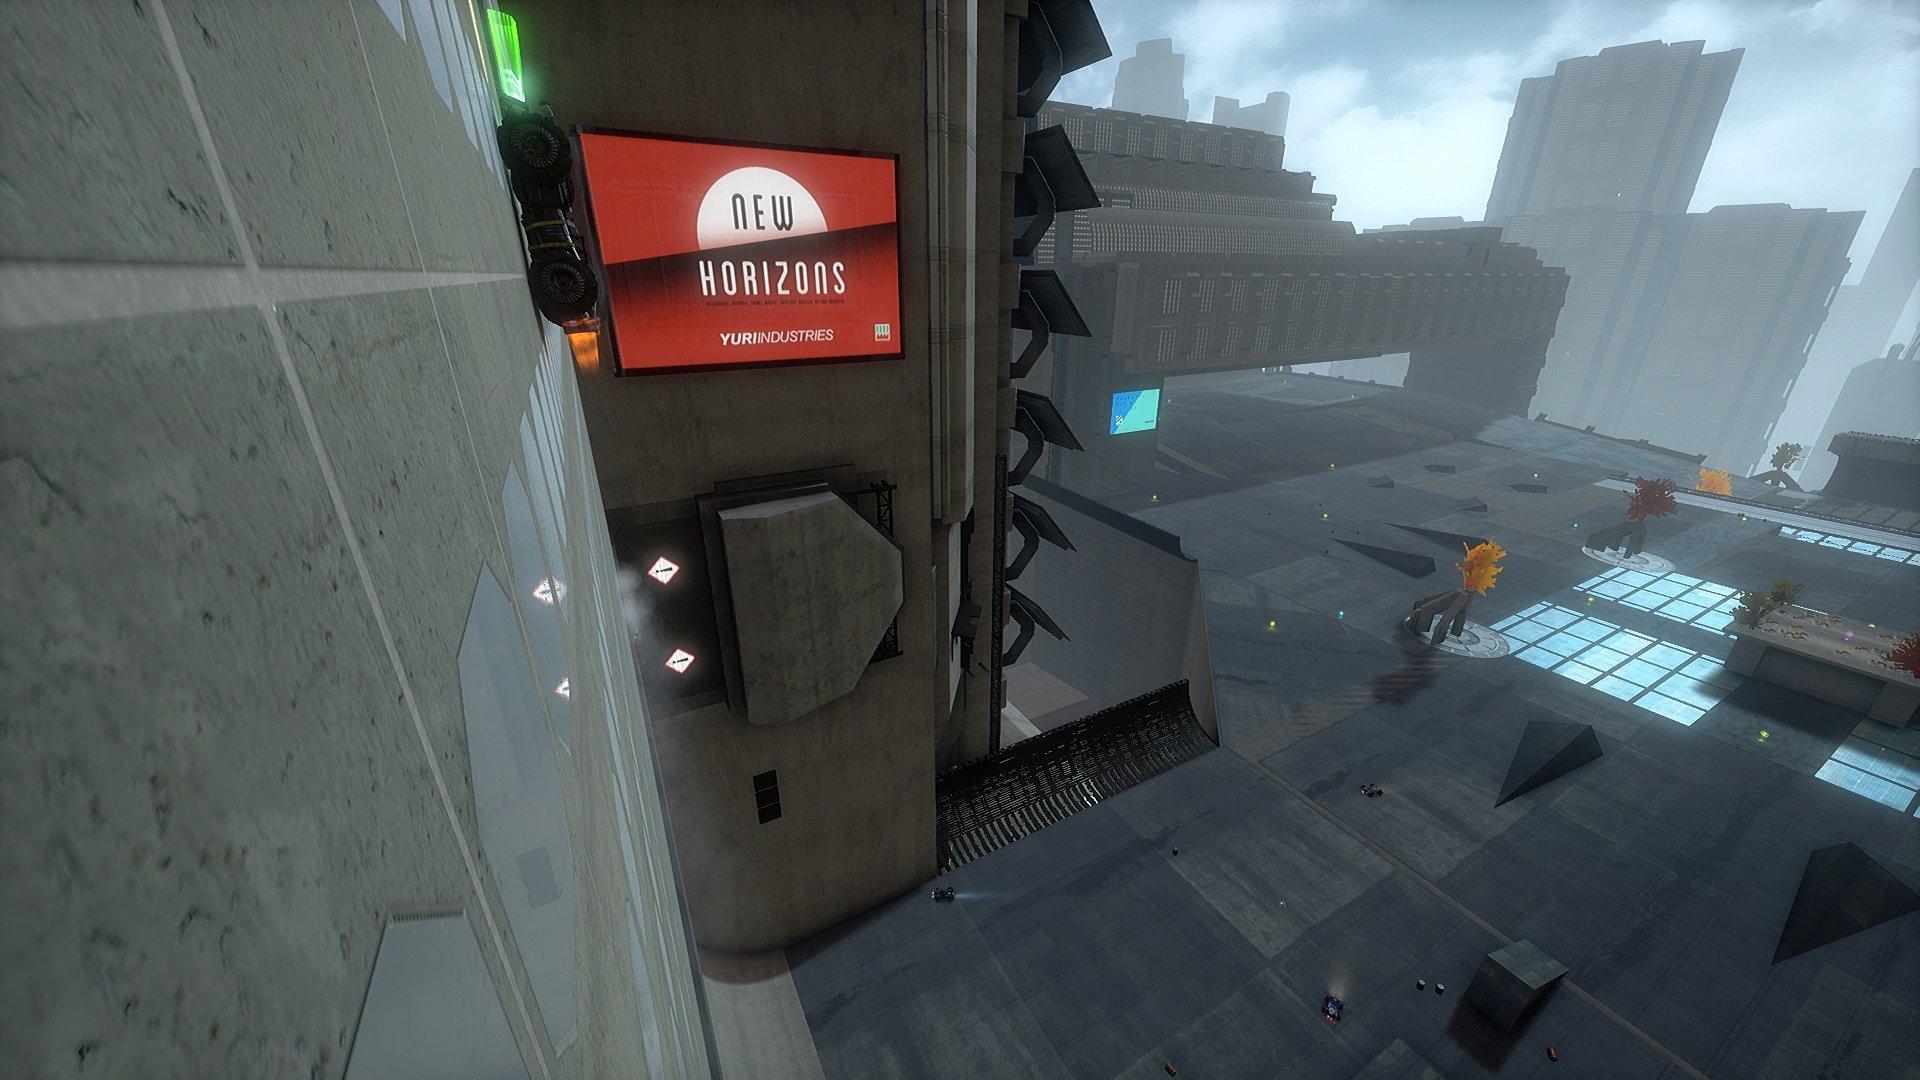 Arena für den Deathmatch-Modus – die Power-Ups und Waffen sind schon positioniert.